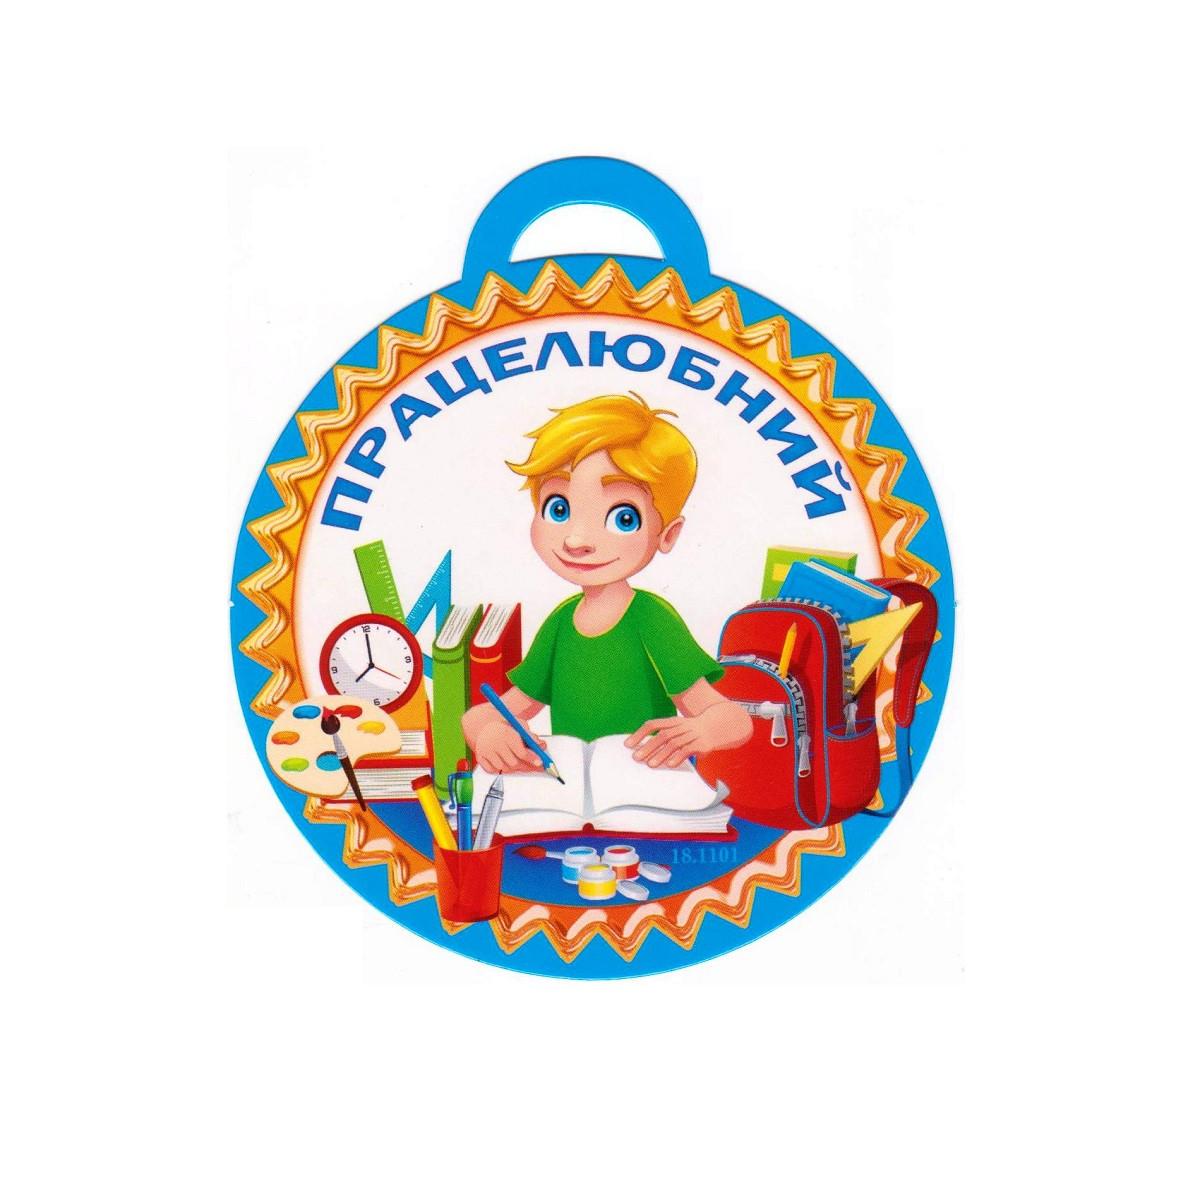 """Медаль """"Працелюбний"""" 18.1101"""